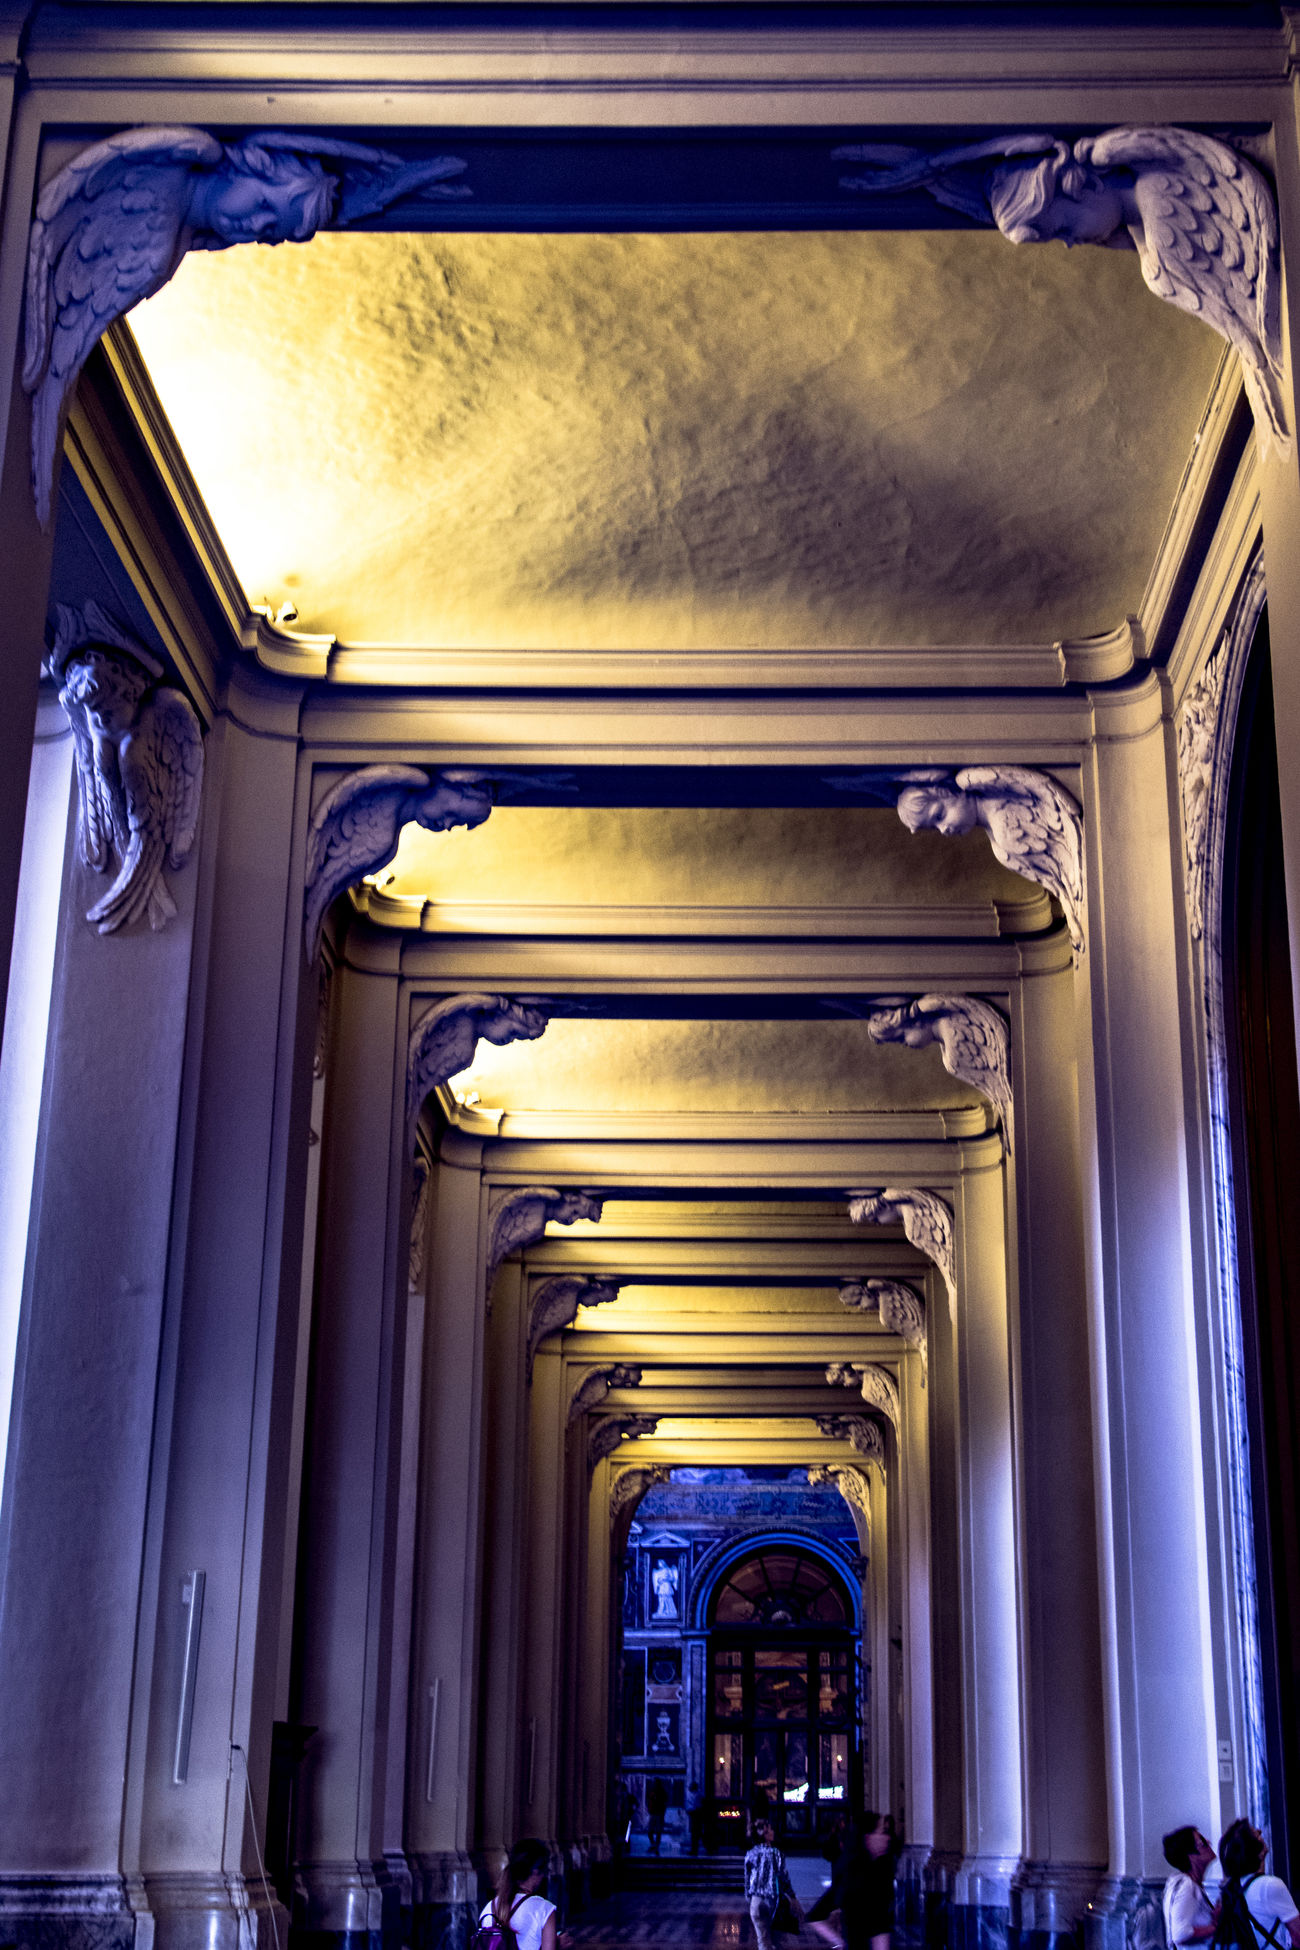 Arch Architectural Column Architectural Feature Architecture Basilica Basilica Di San Giovanni In Laterano Illuminated Interior Internal Internal View Perspective Repetition Roma Rome San Giovanni In Laterano